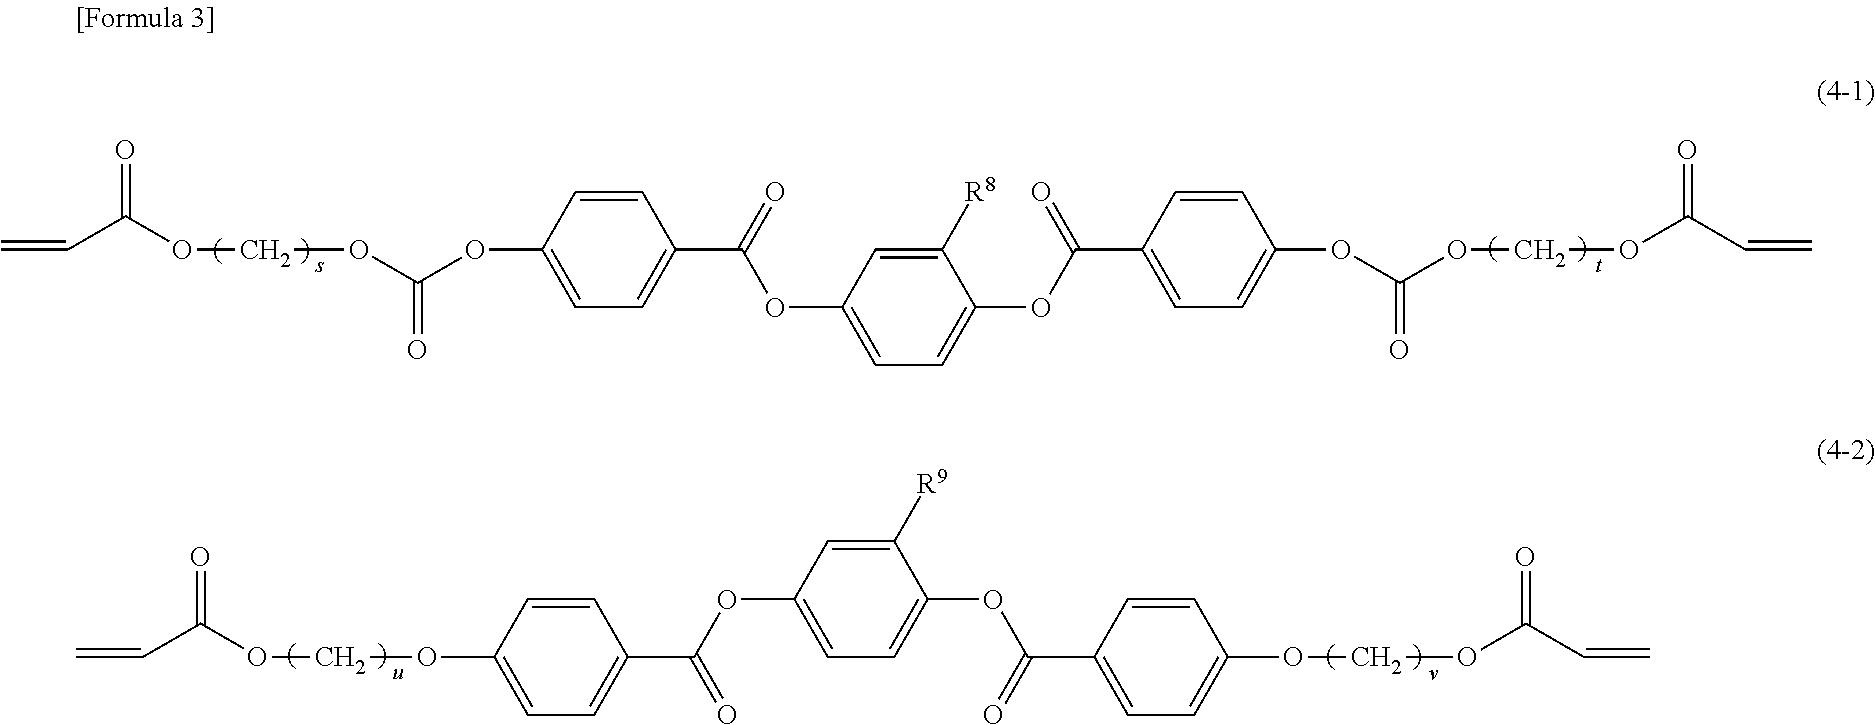 Figure US20110293856A1-20111201-C00004